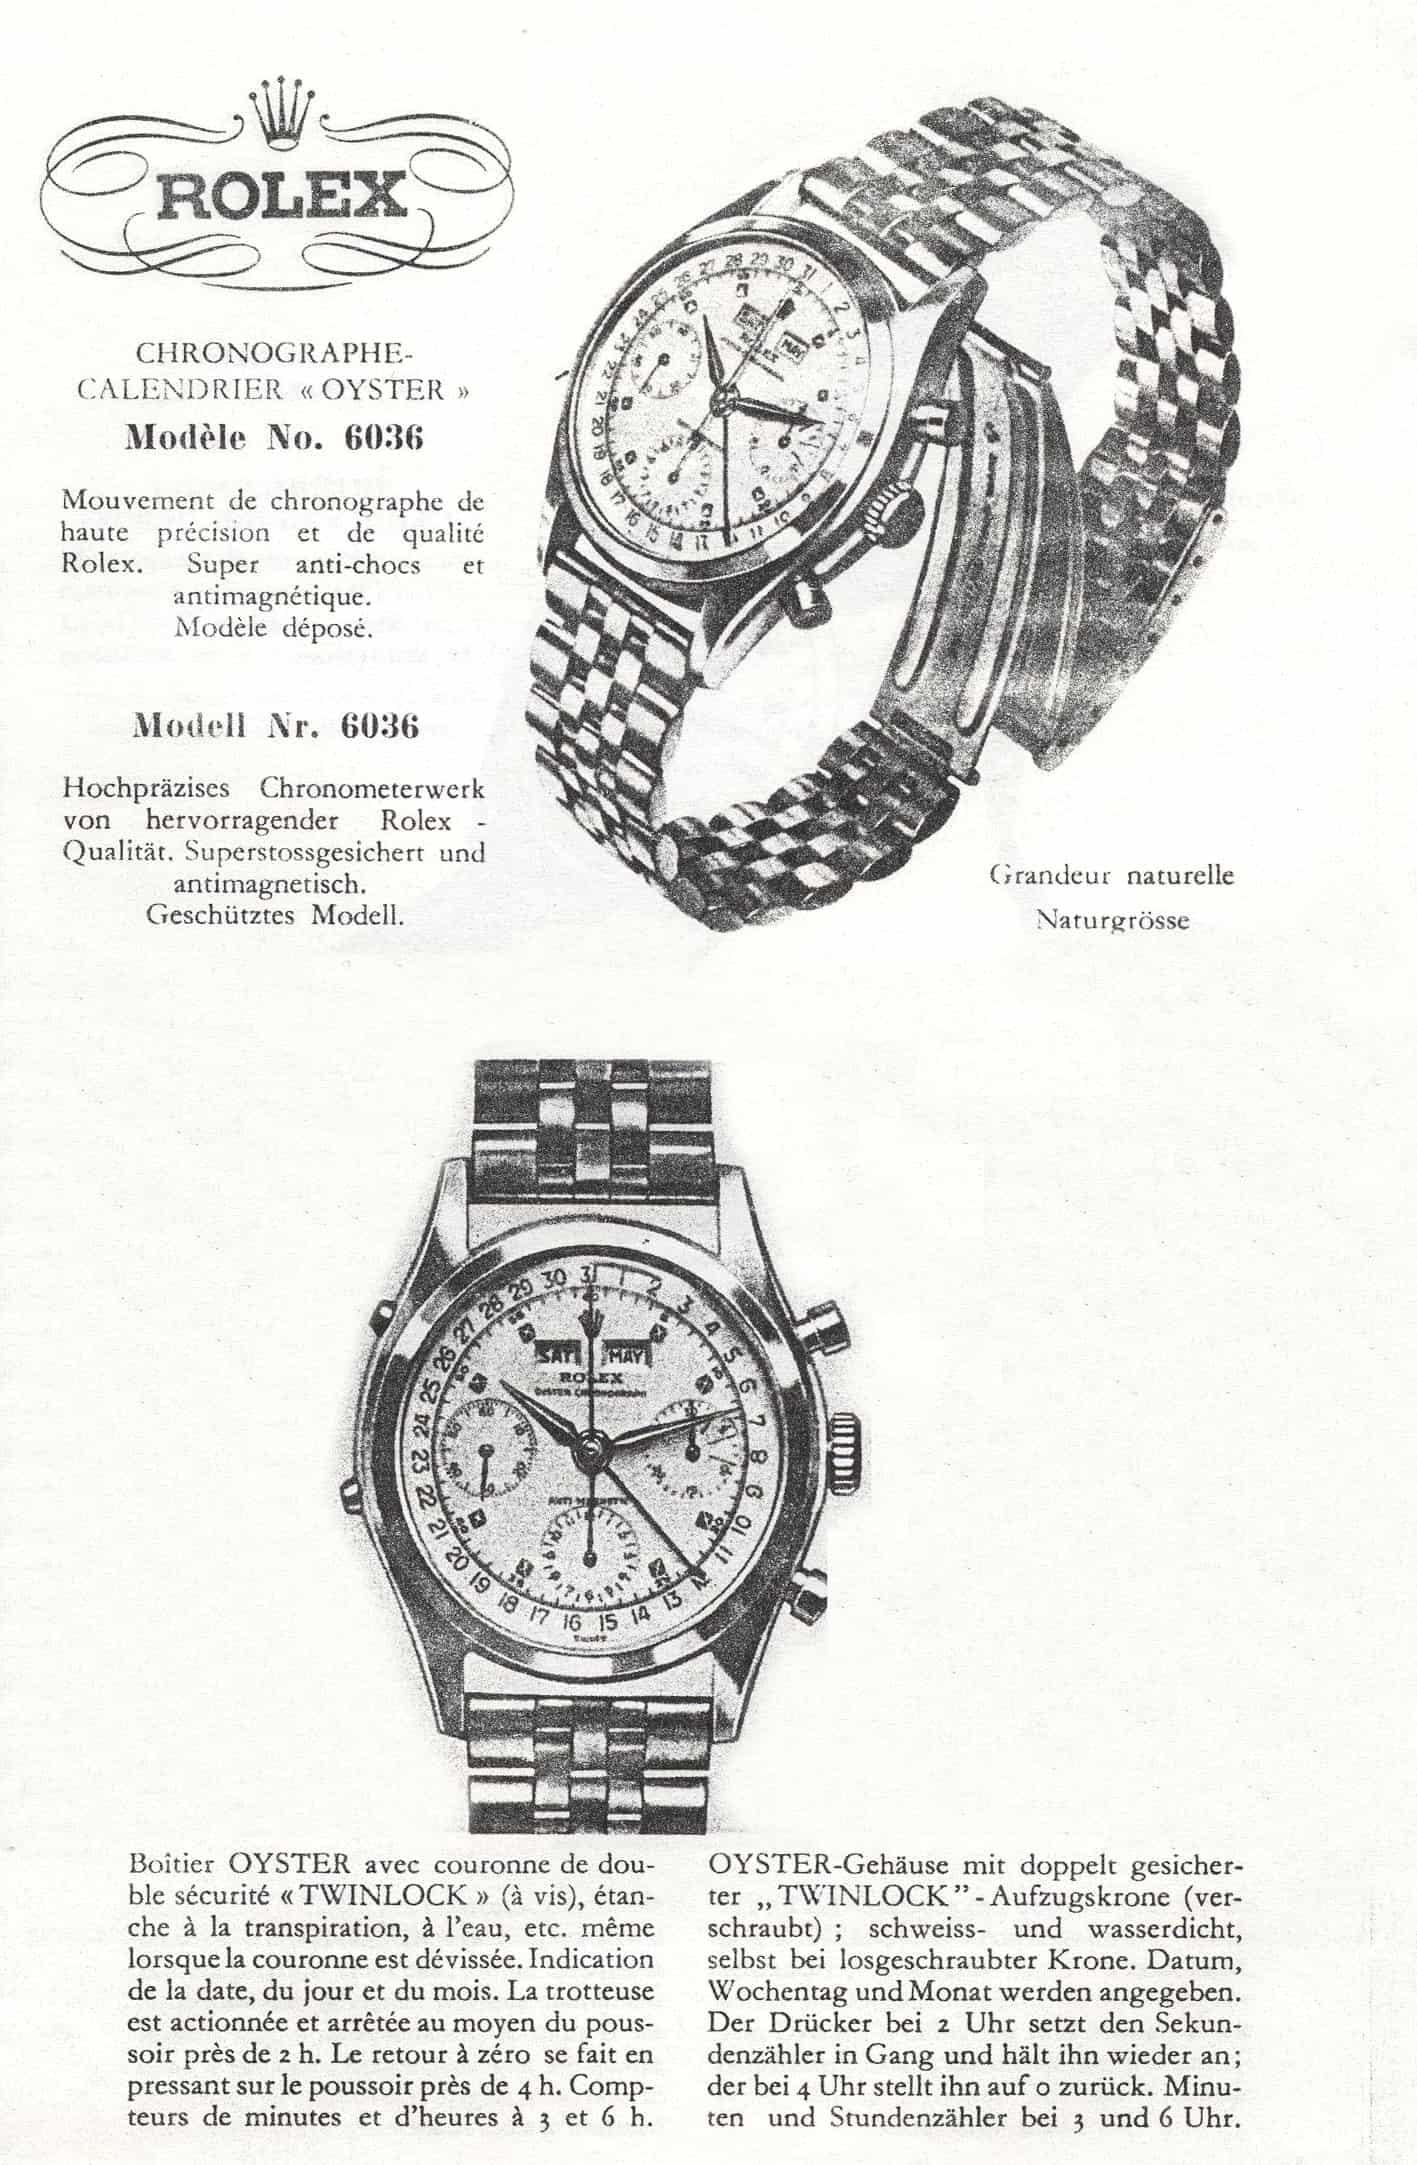 Rolex Oyster Chronograph, Referenz 6036, Kaliber Valjoux 72C, mit dem einfachen Vollkalender